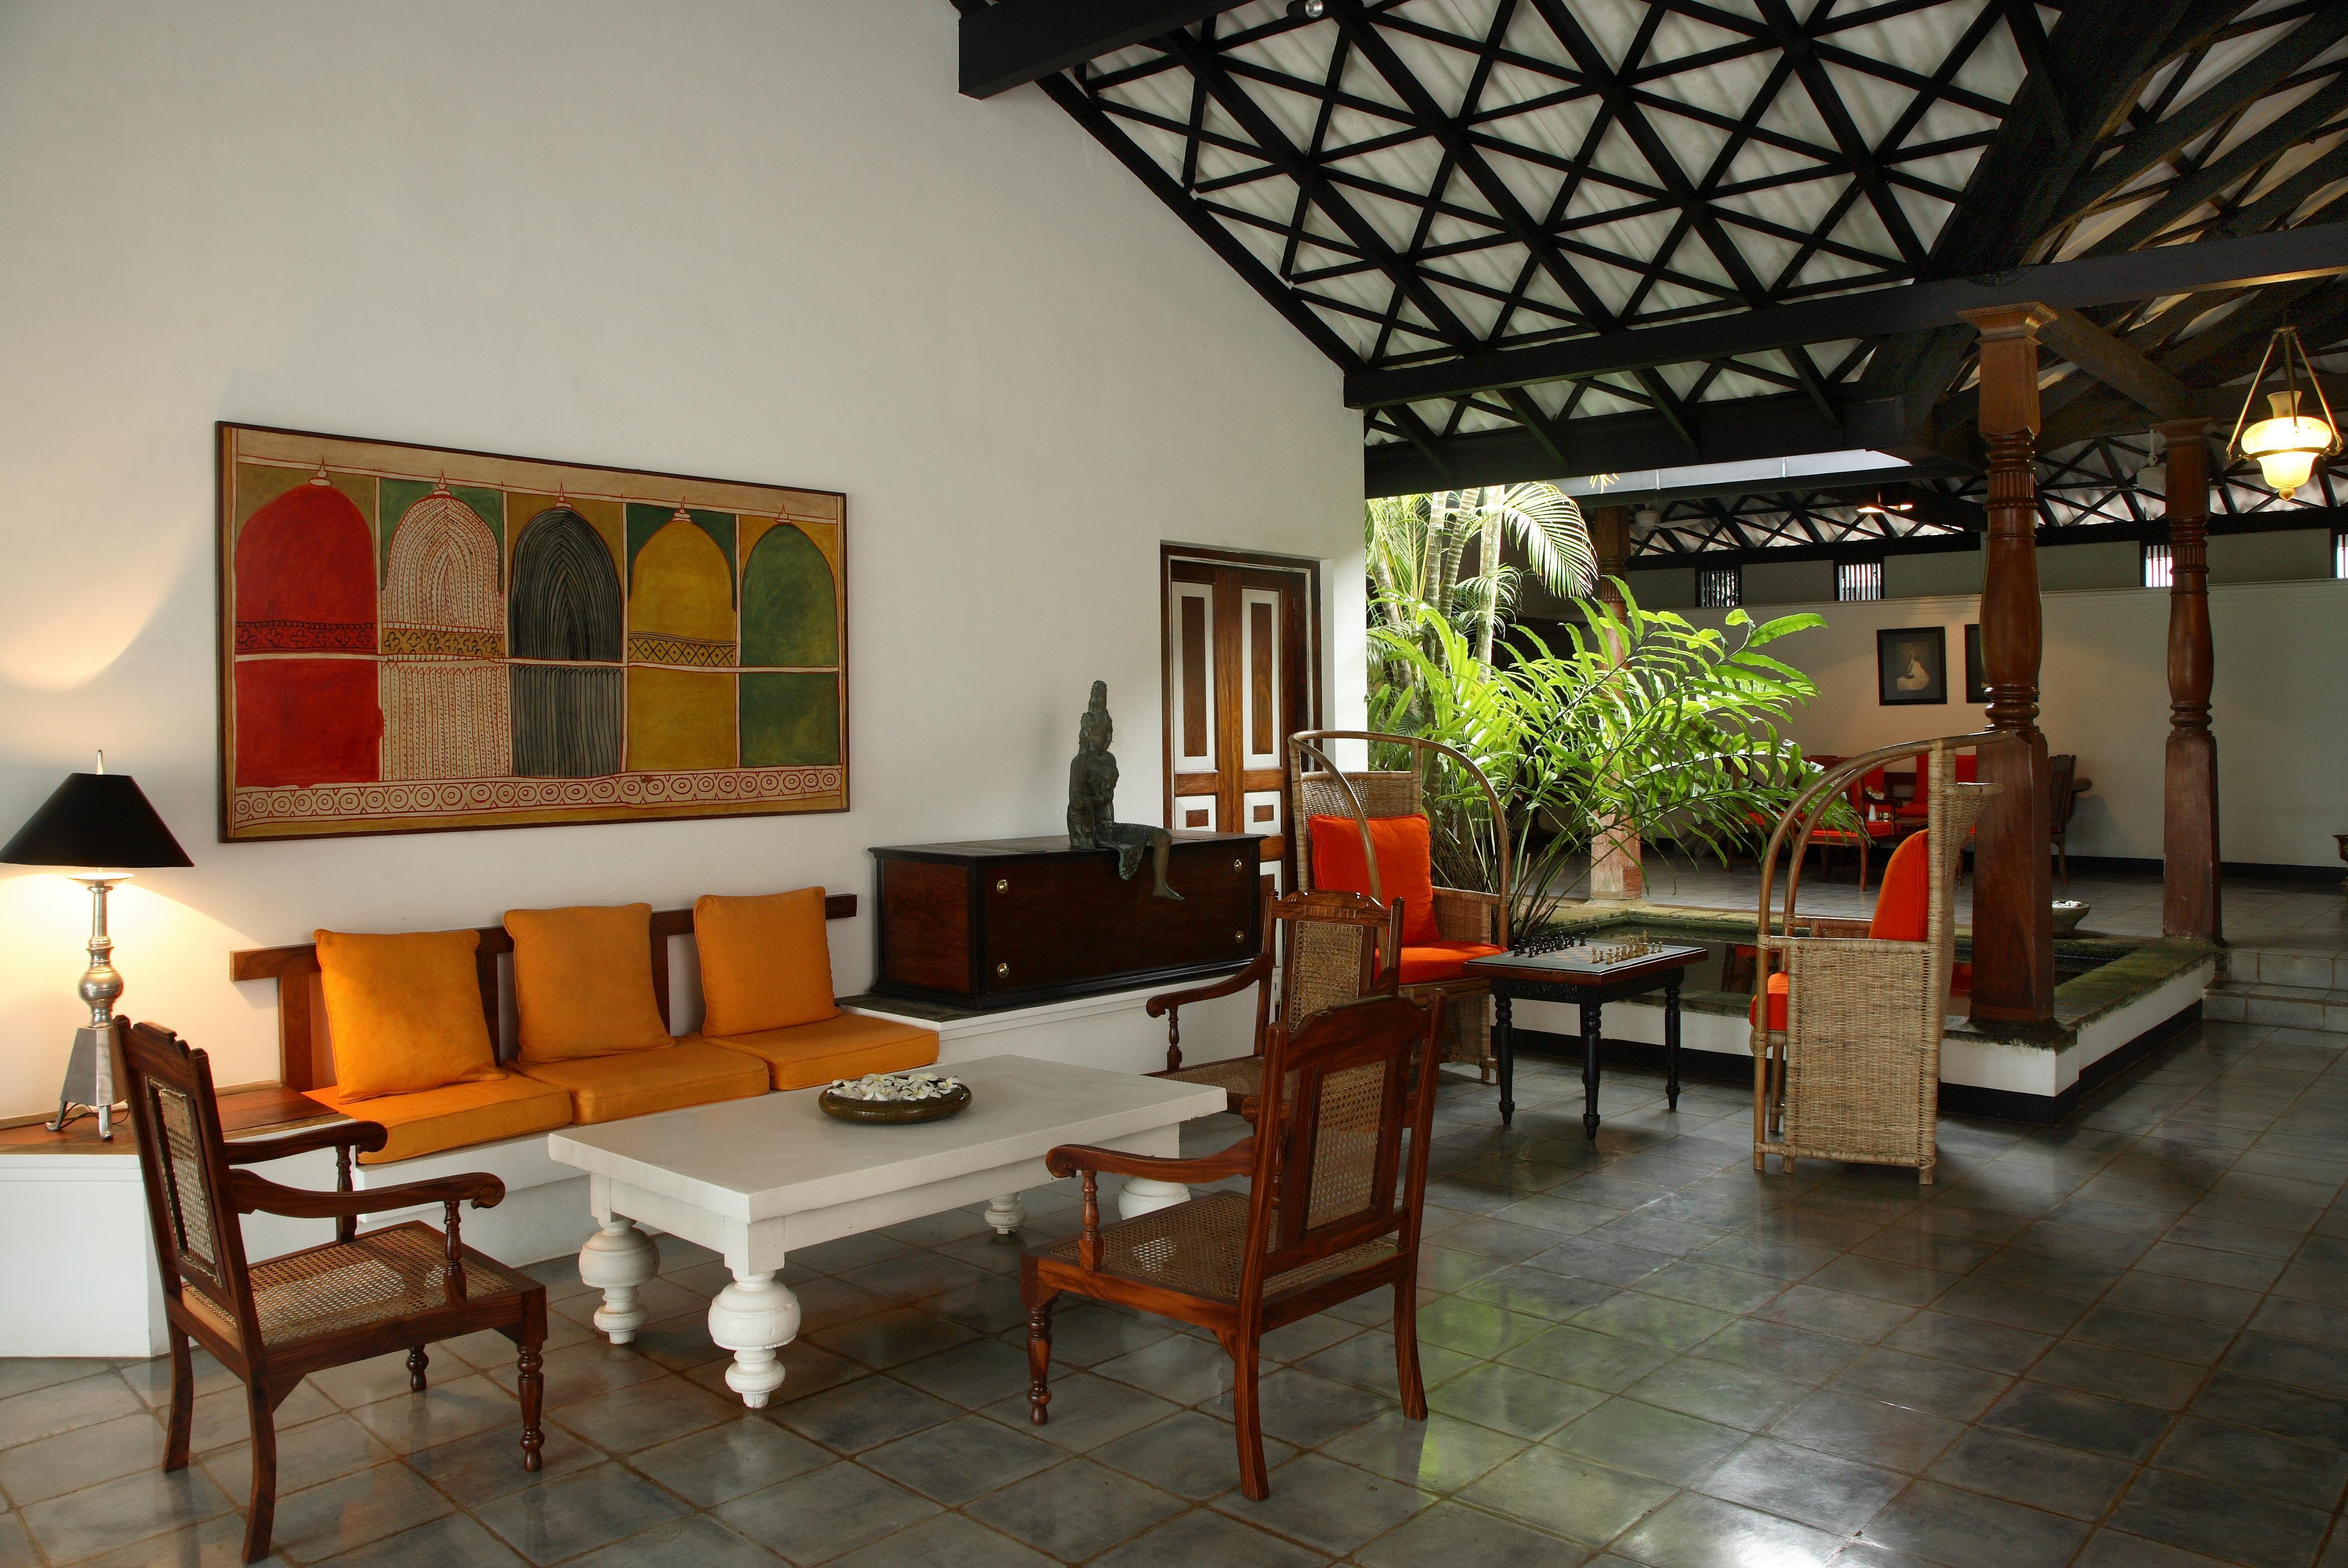 Top 25 hotels in sri lanka for Interior house designs in sri lanka